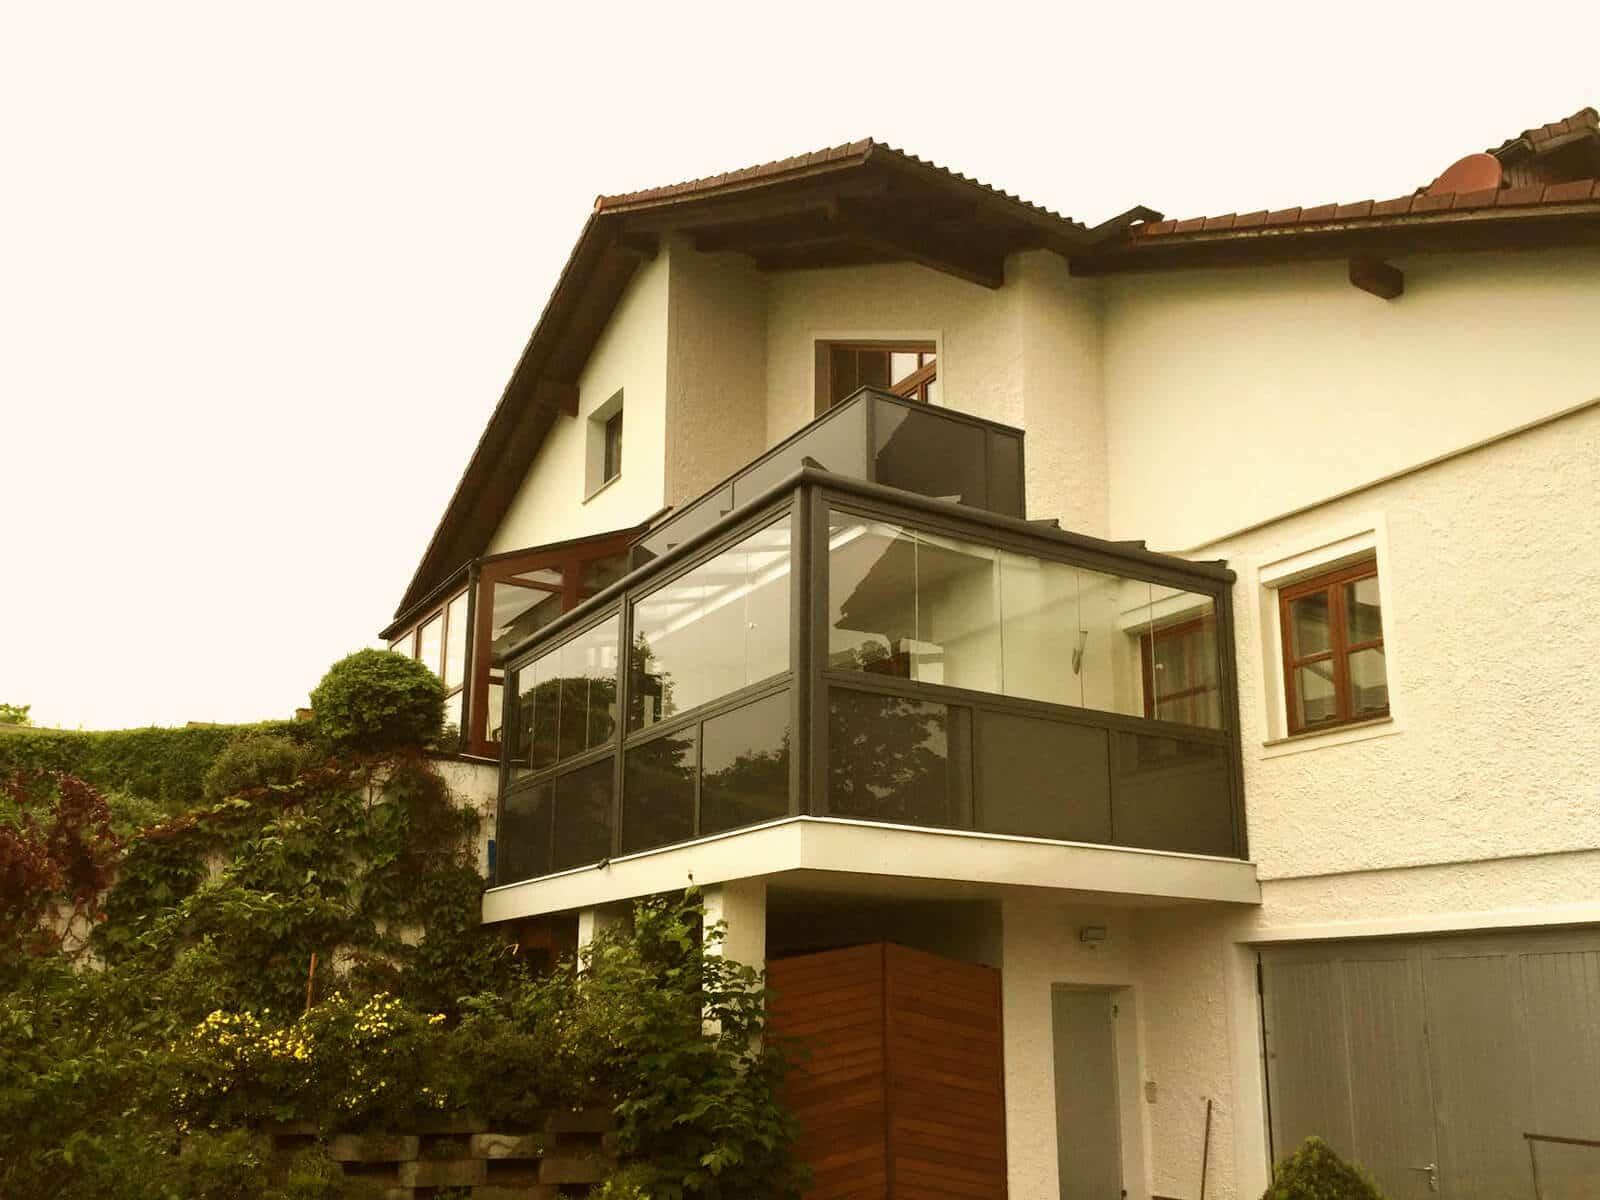 Wintergarten Schmidinger zwei Wintergärten auf Balkone montiert Einfamilienhaus